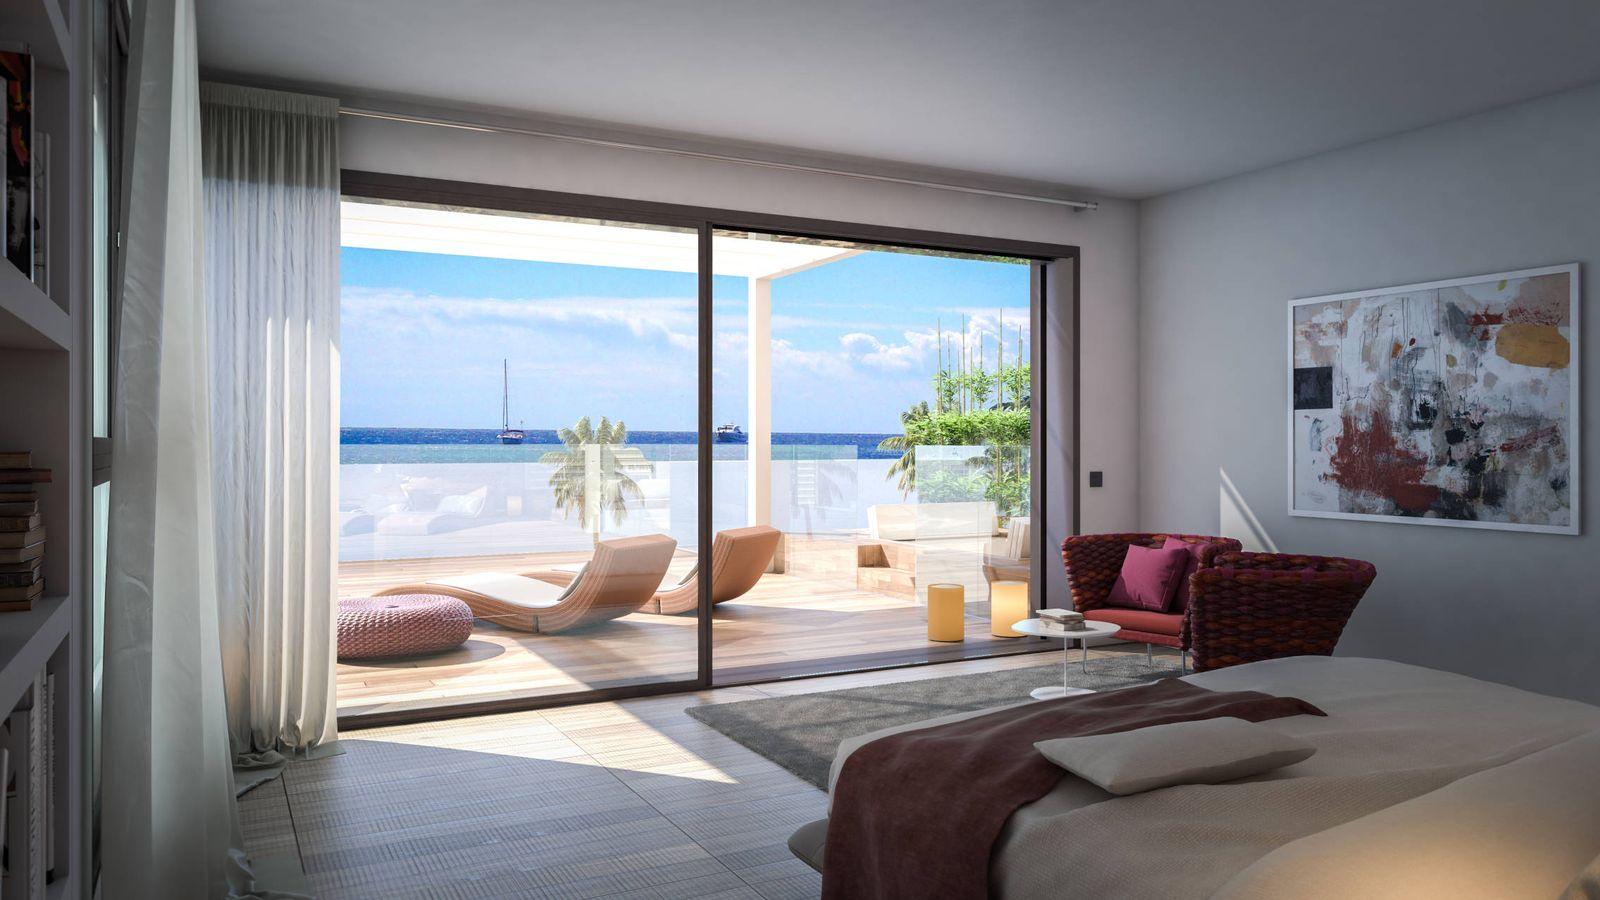 Foto: Foto del interior de una de las casas del complejo Bonavista Beach.